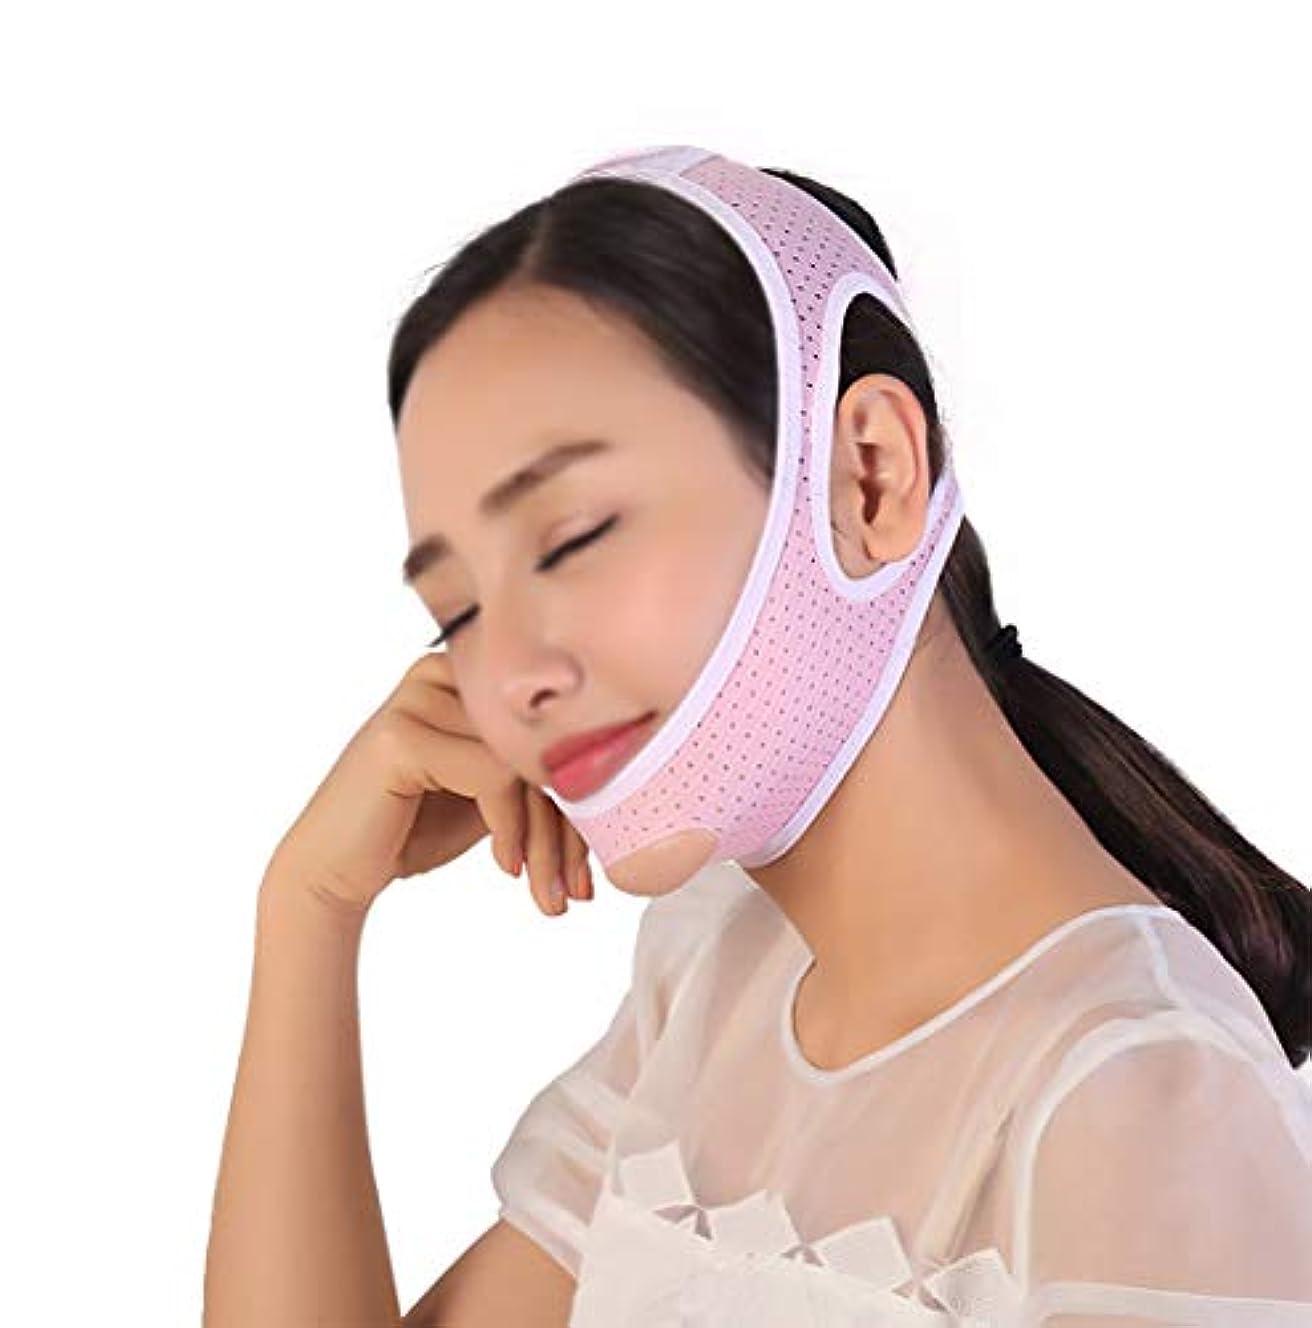 経度確実エールフェイスリフトフェイシャル、肌のリラクゼーションを防ぐVフェイスマスクVフェイスアーチファクトフェイスリフト包帯フェイスケア (Size : M)